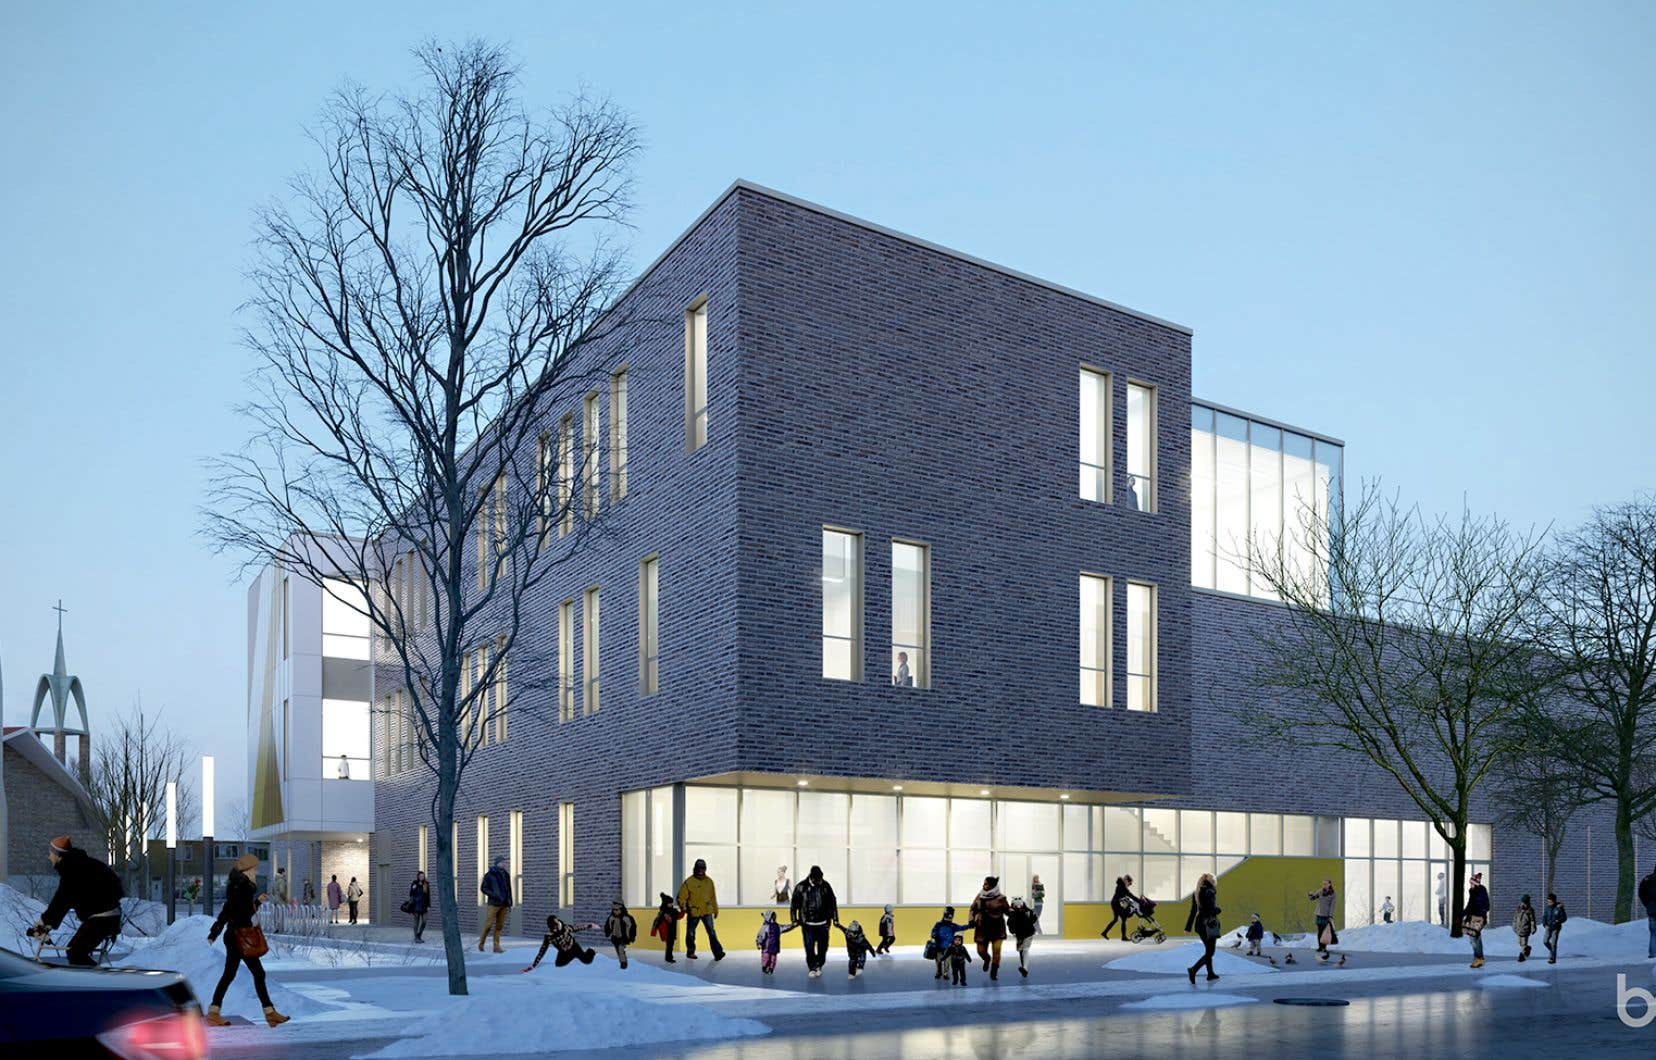 La nouvelle école Sainte-Lucie, dont les plans viennent tout juste d'être présentés aux élèves, aux parents et au personnel, doit être prête pour la rentrée de septembre 2021.